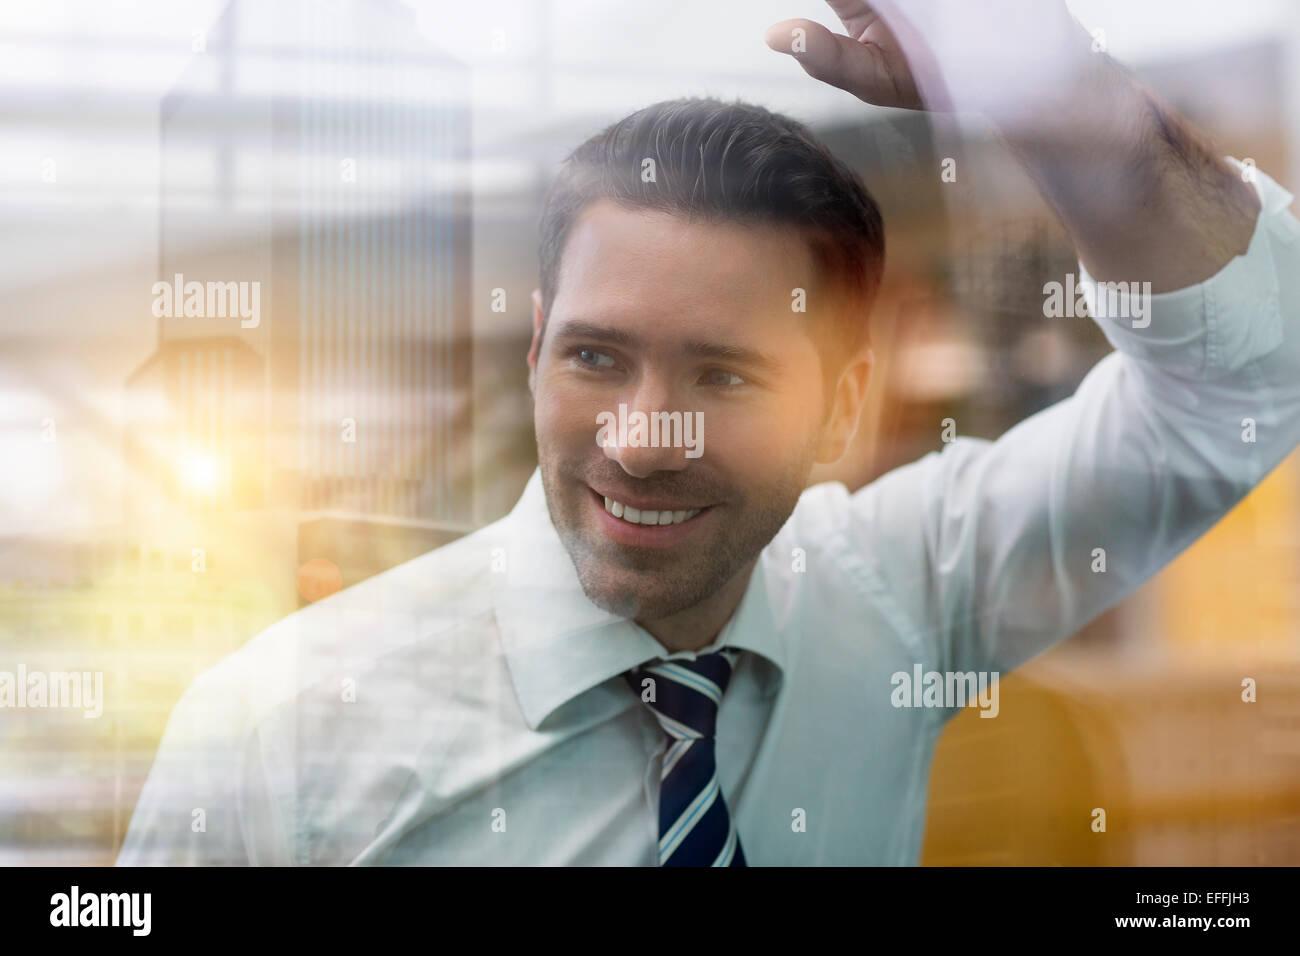 Portrait of a businessman Photo Stock